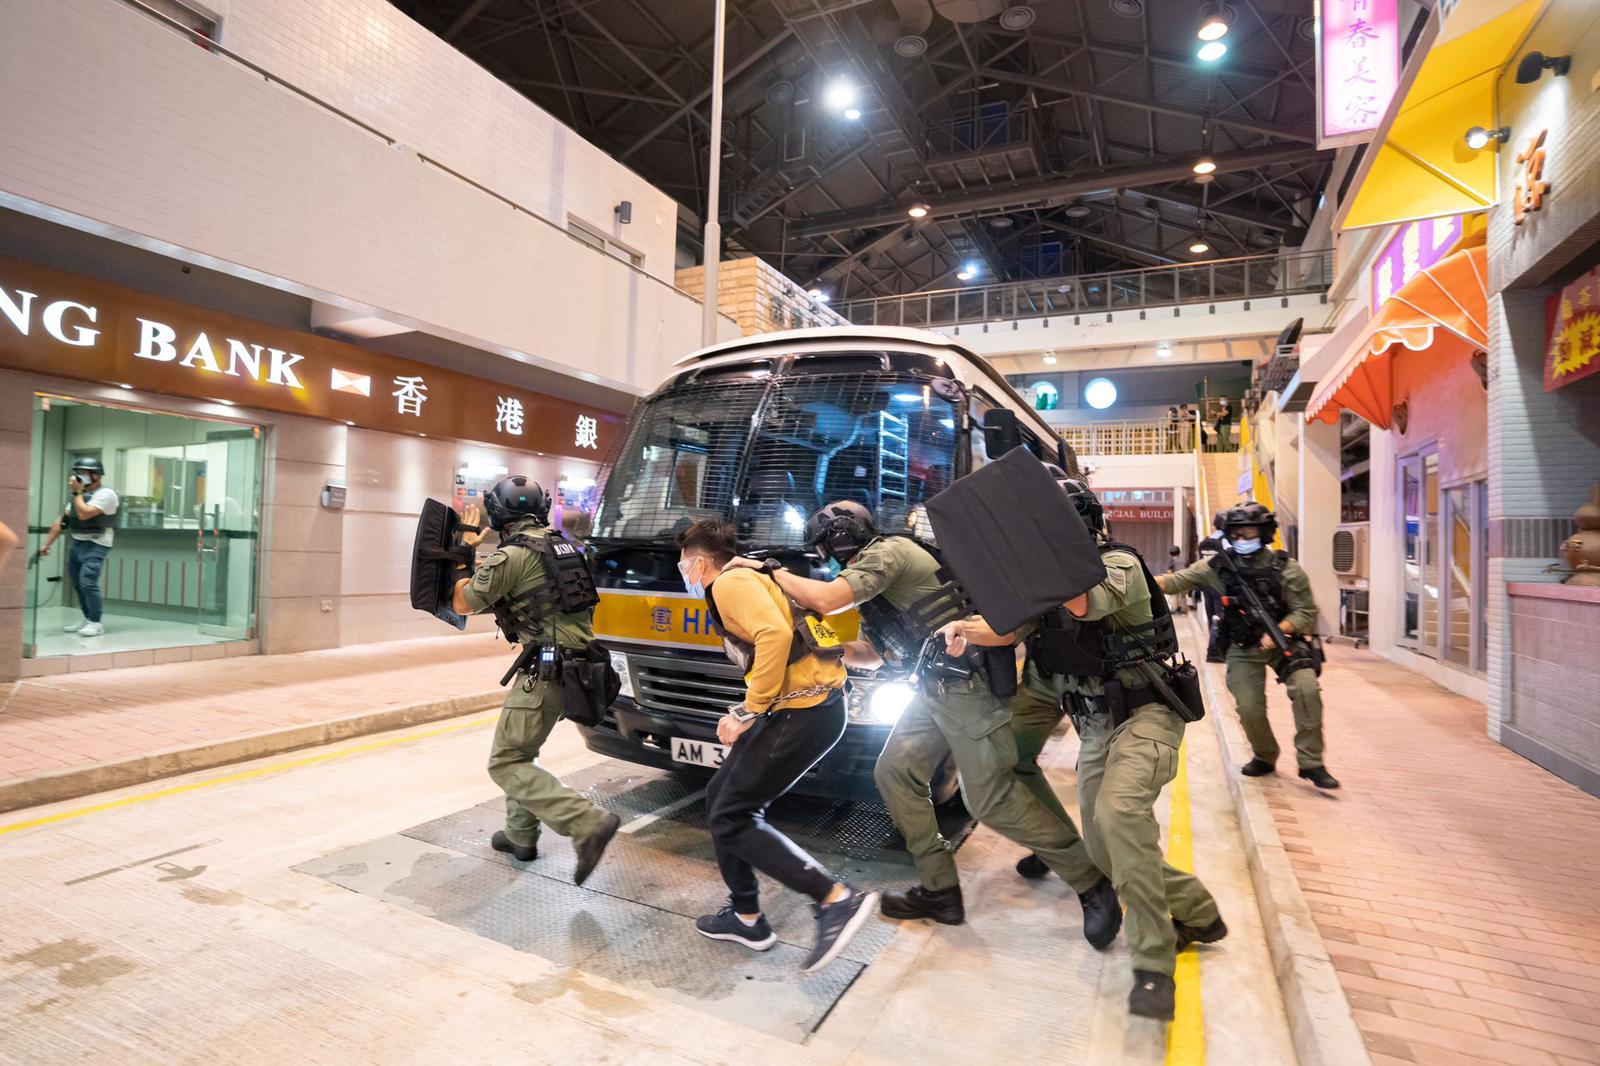 10月8日,警務處港島區衝鋒隊與懲教署區域應變隊總區應變隊在警察學院舉行聯合「反恐演習」。(警方供圖)